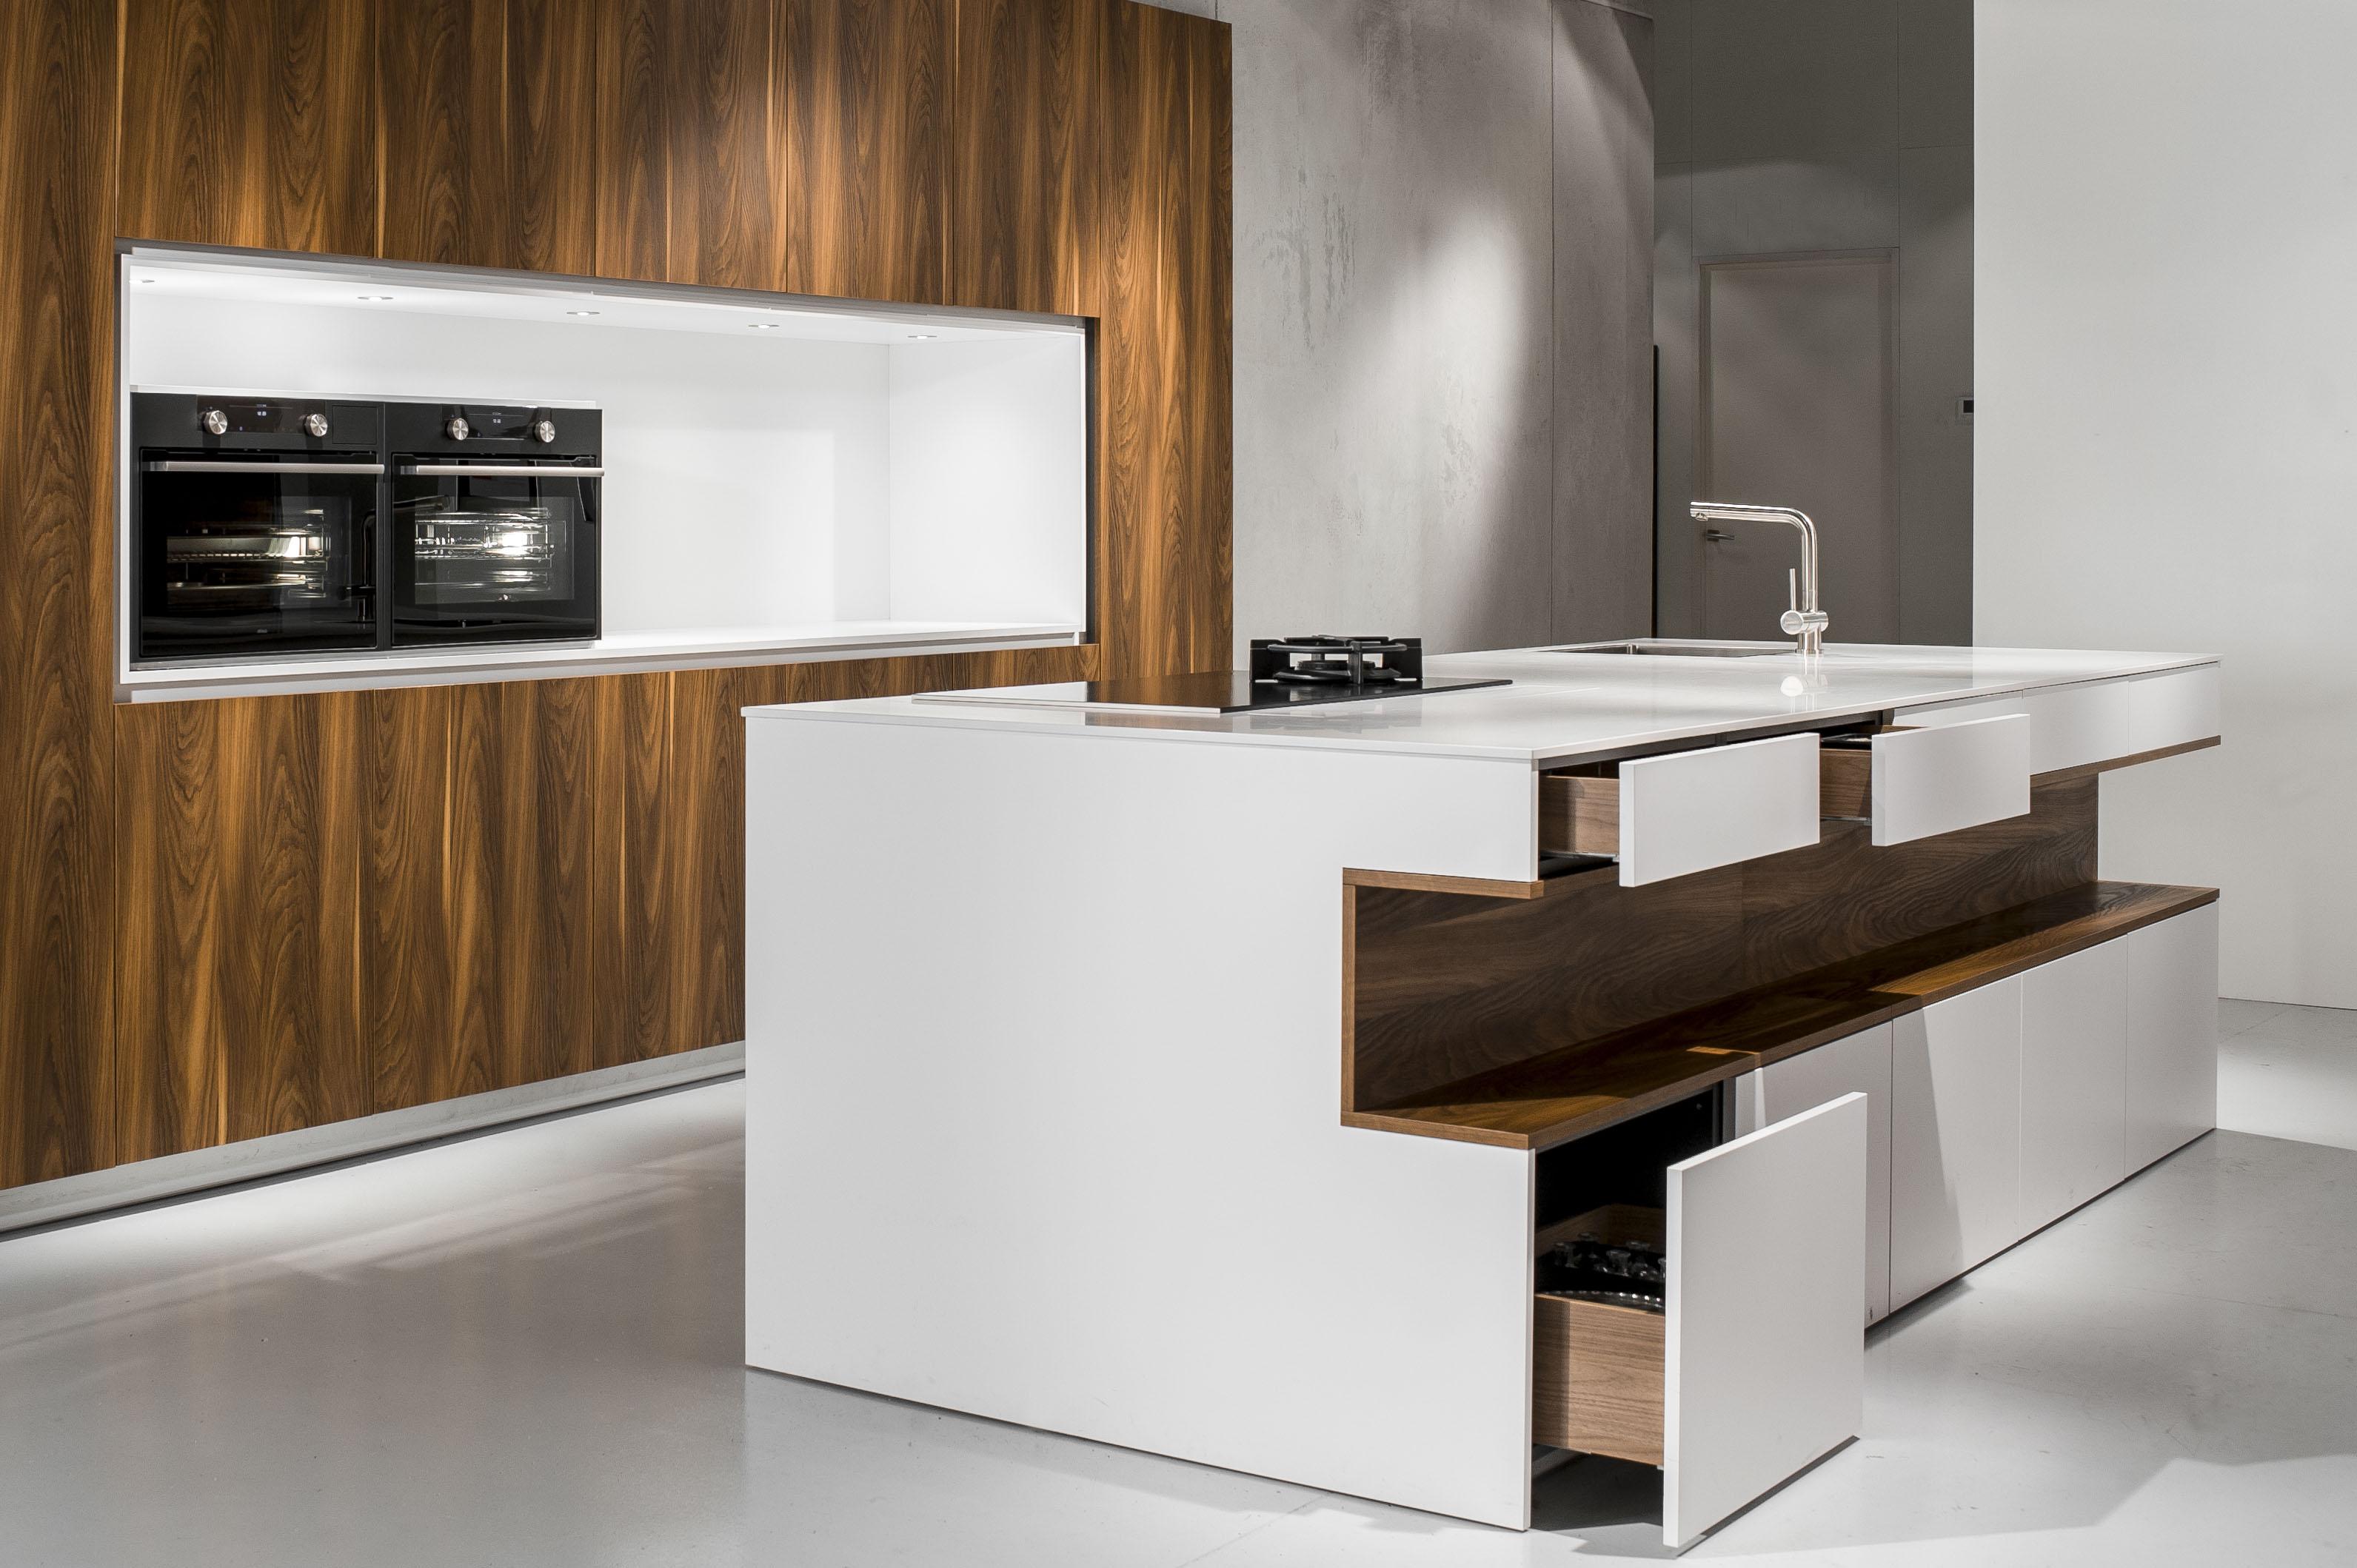 Design Keuken Greeploos : Greeploos keuken hoefnagel tegels keukens en sanitair